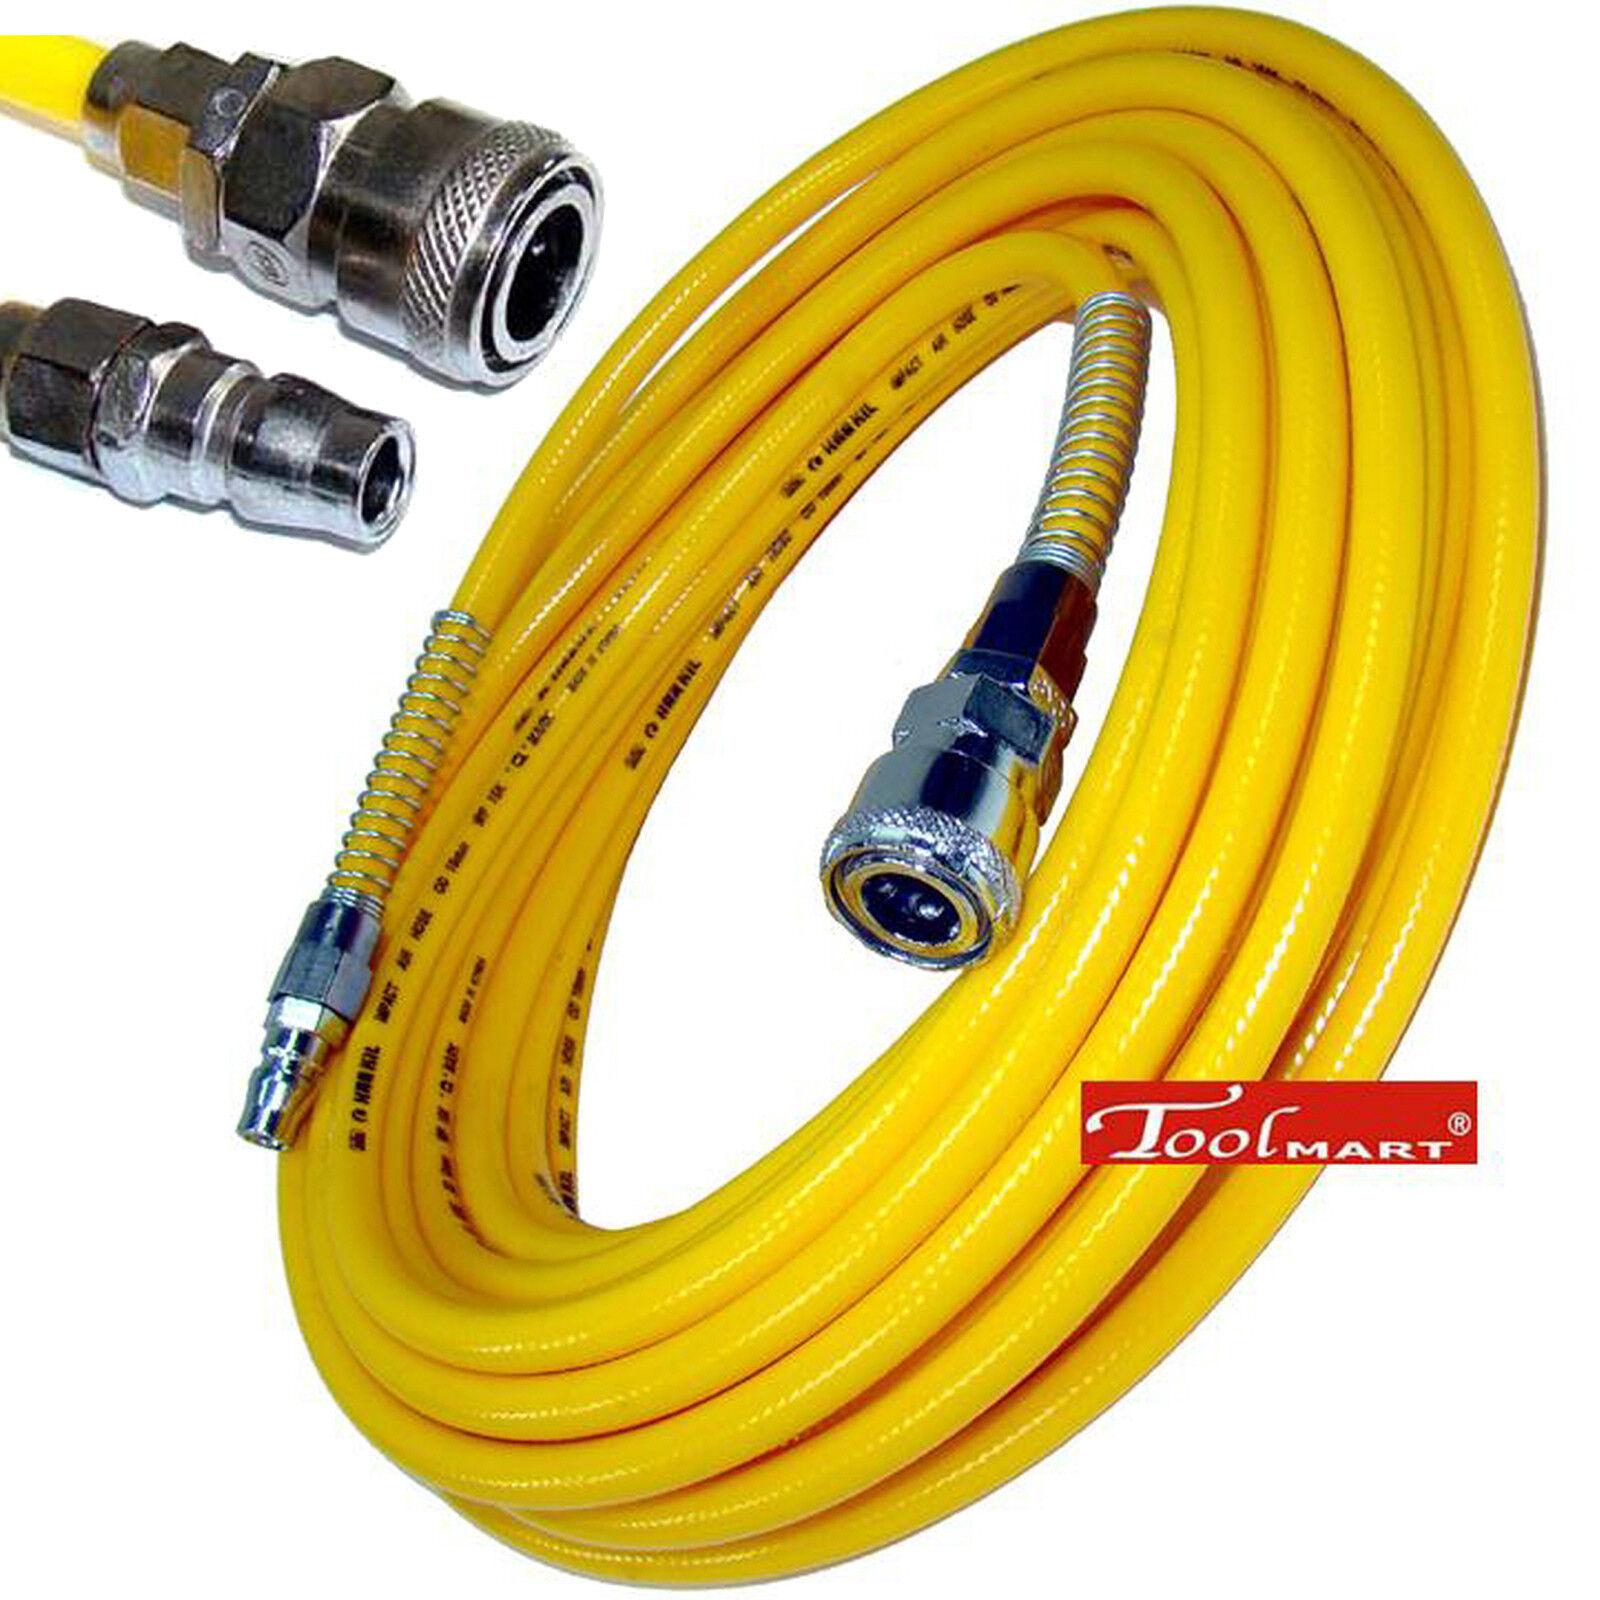 50m 164ft High Quality Air Compressor Hose Pneumatic Compressor Tools Korea NEW